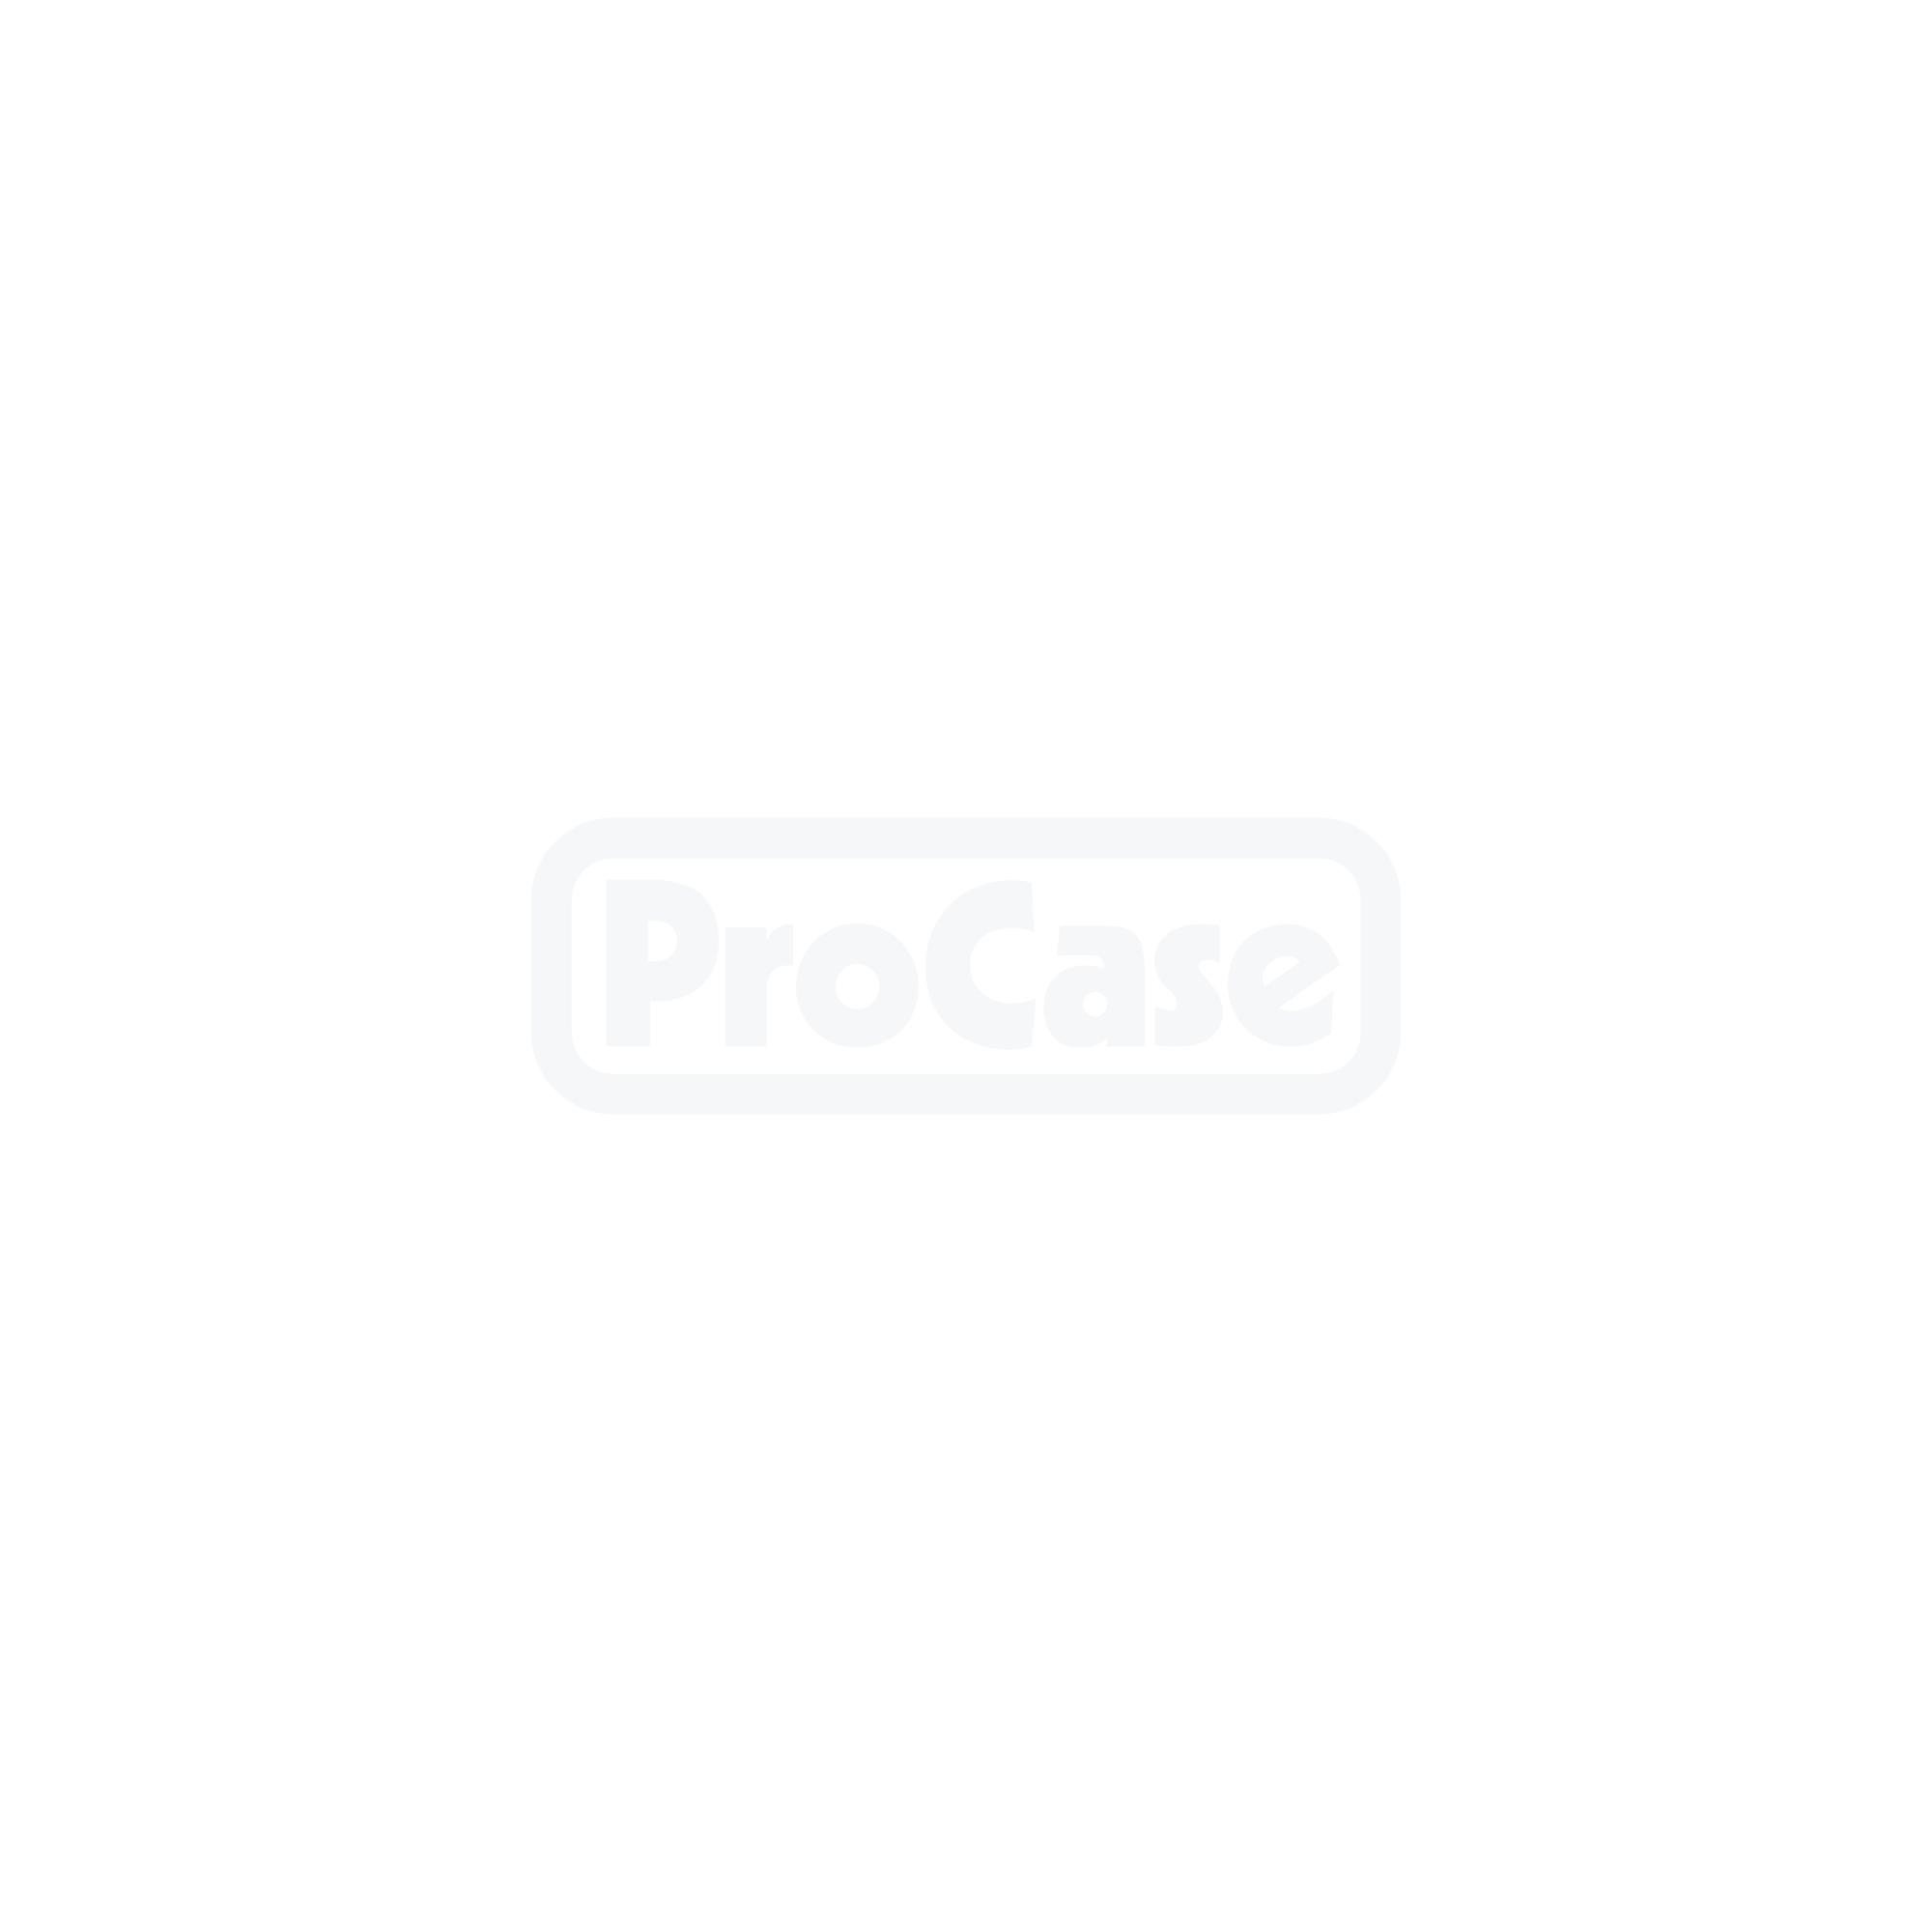 Flipcase für Allen&Heath dLive C1500 mit CDM32 3